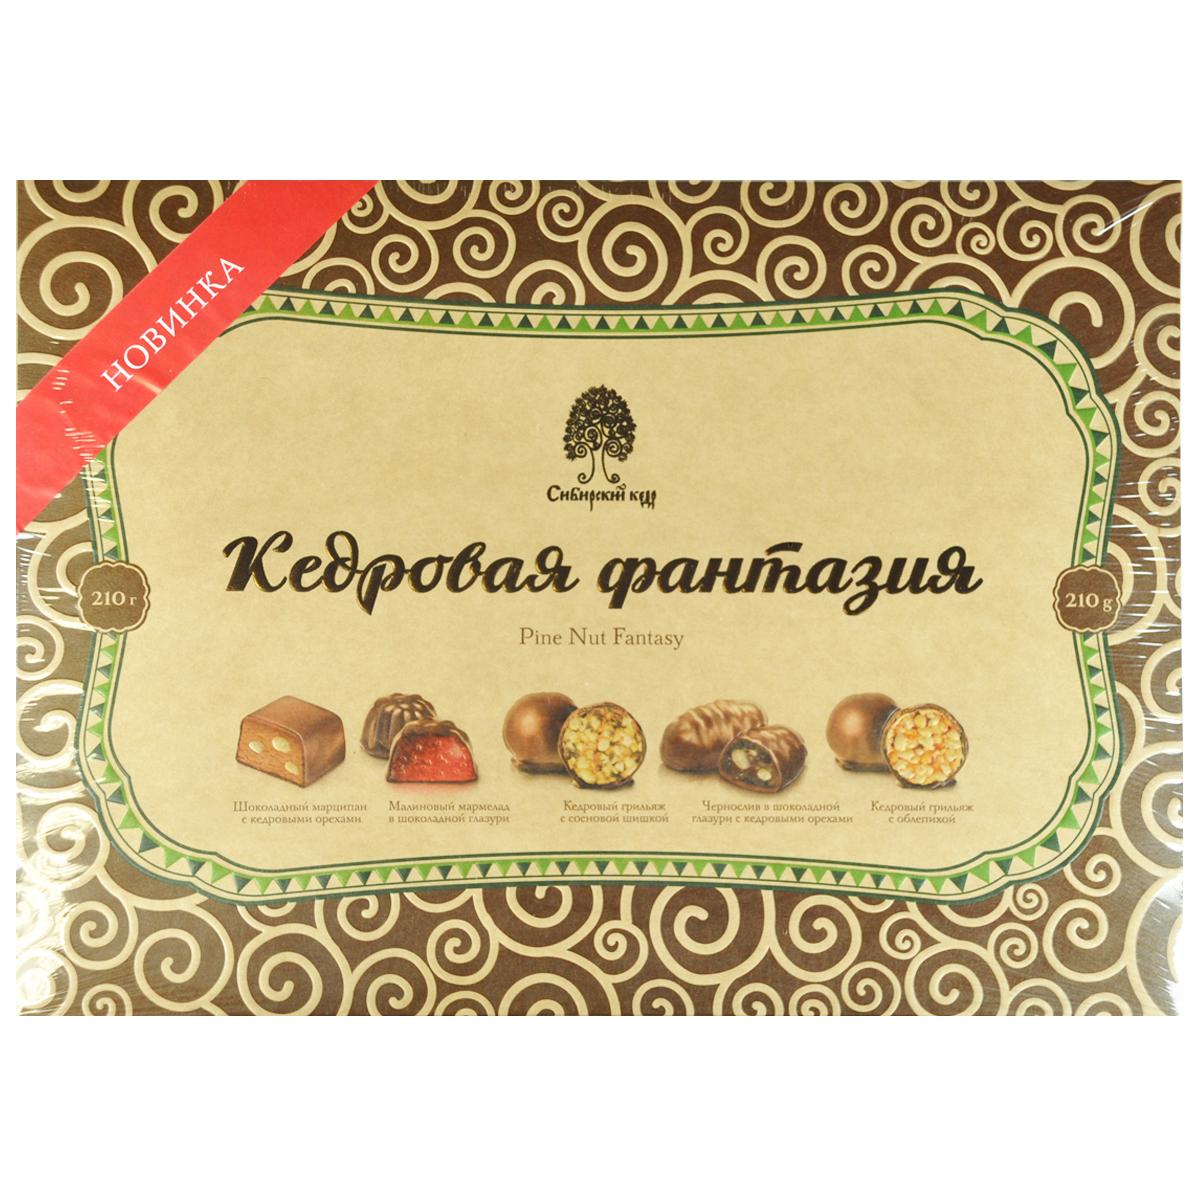 Сибирский Кедр конфеты кедровая фантазия ассорти, 210 г crystal trees кедр сибирский